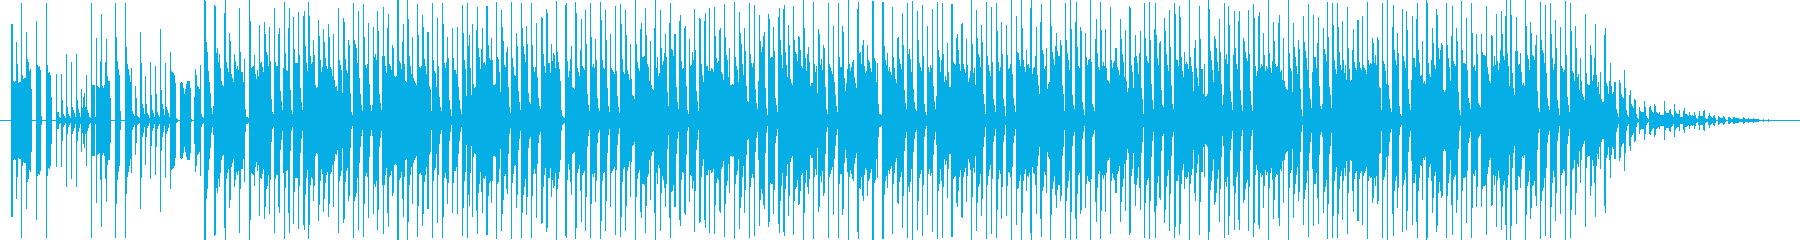 何かが積み上がっていくイメージの再生済みの波形